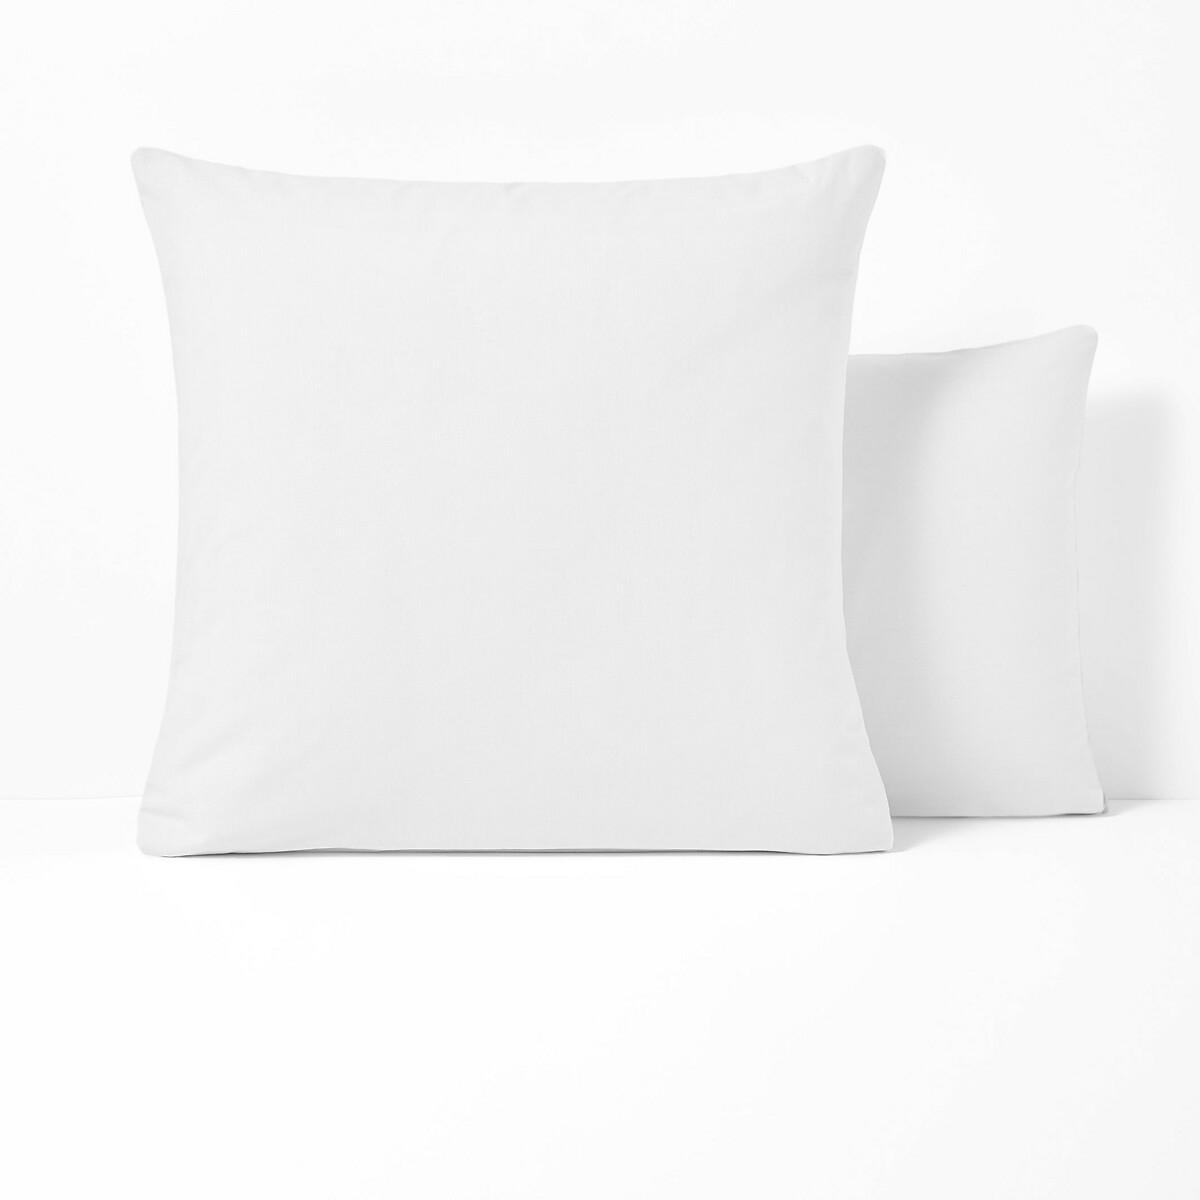 Scenario Polycotton Plain Pillowcase